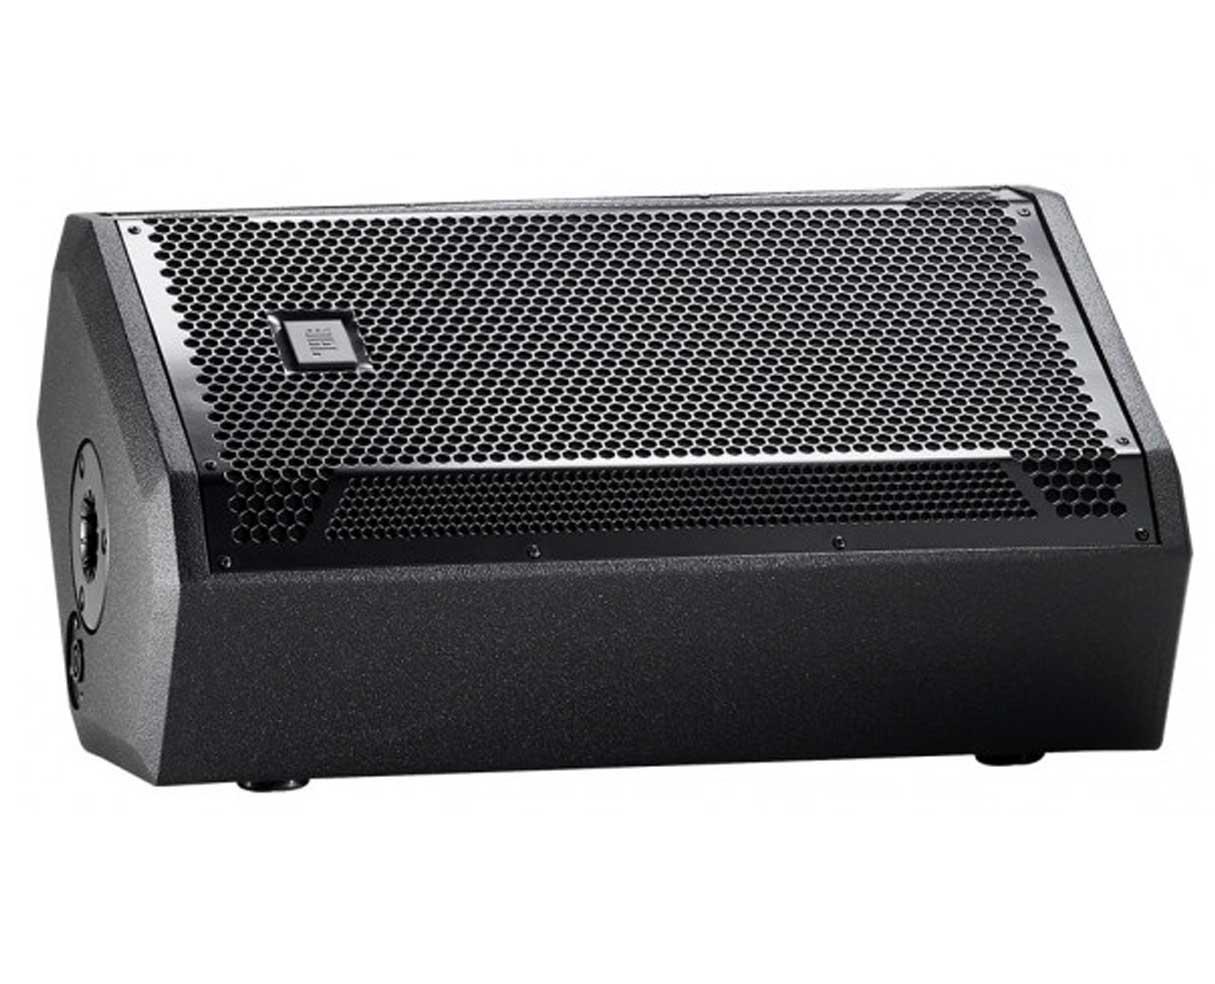 jbl monitor speakers. JBL PROFESSIONAL STX812M Thumbnail; Thumbnail 1 Jbl Monitor Speakers O